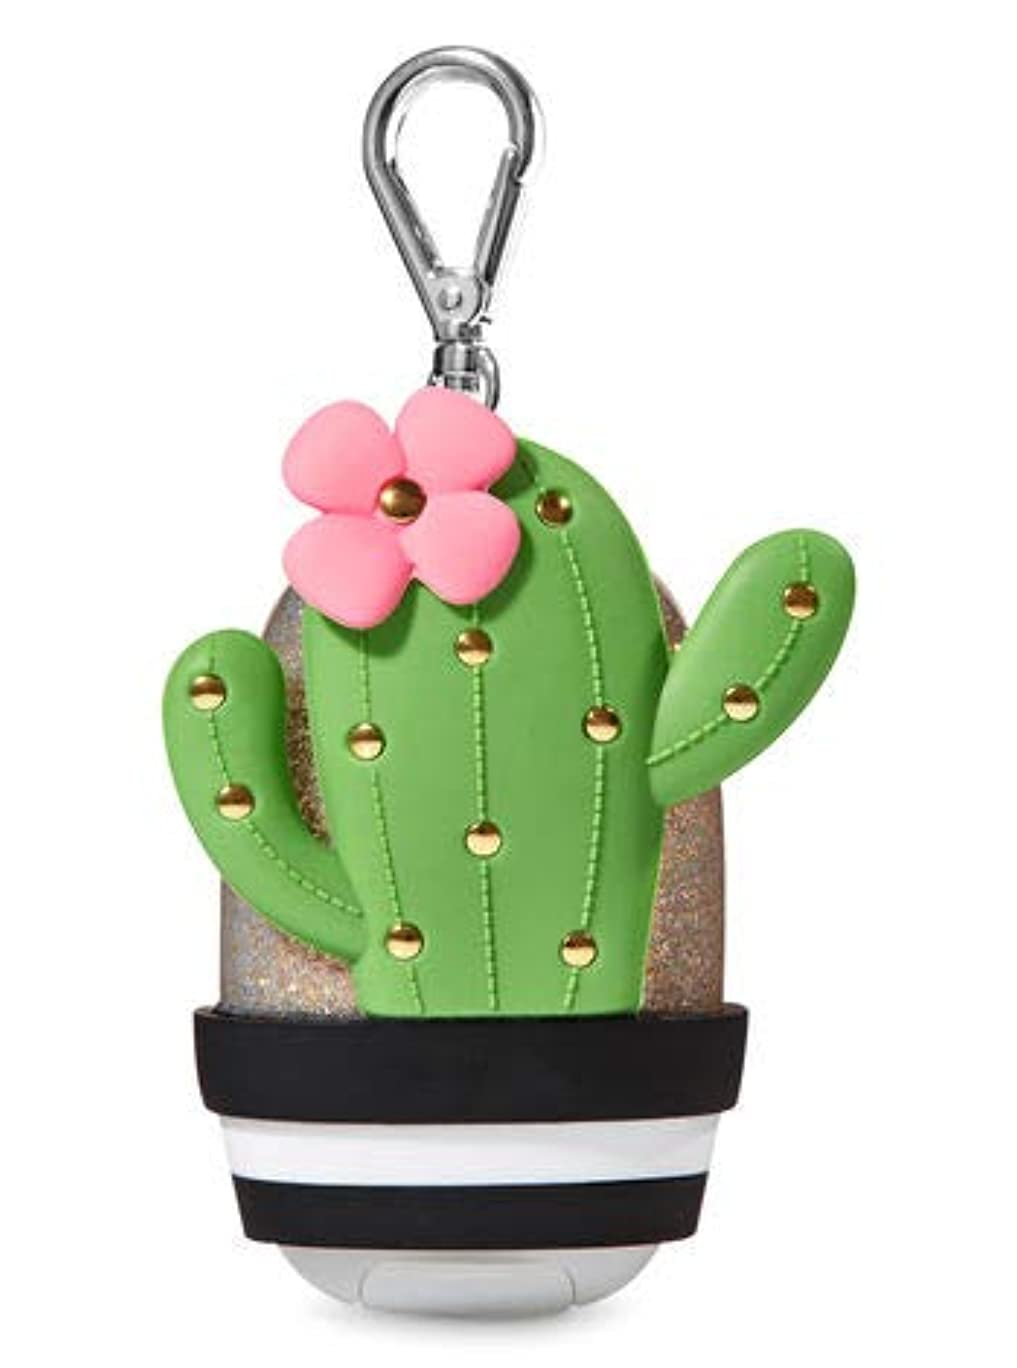 書誌先駆者邪魔【Bath&Body Works/バス&ボディワークス】 抗菌ハンドジェルホルダー カクタス Pocketbac Holder Cactus [並行輸入品]